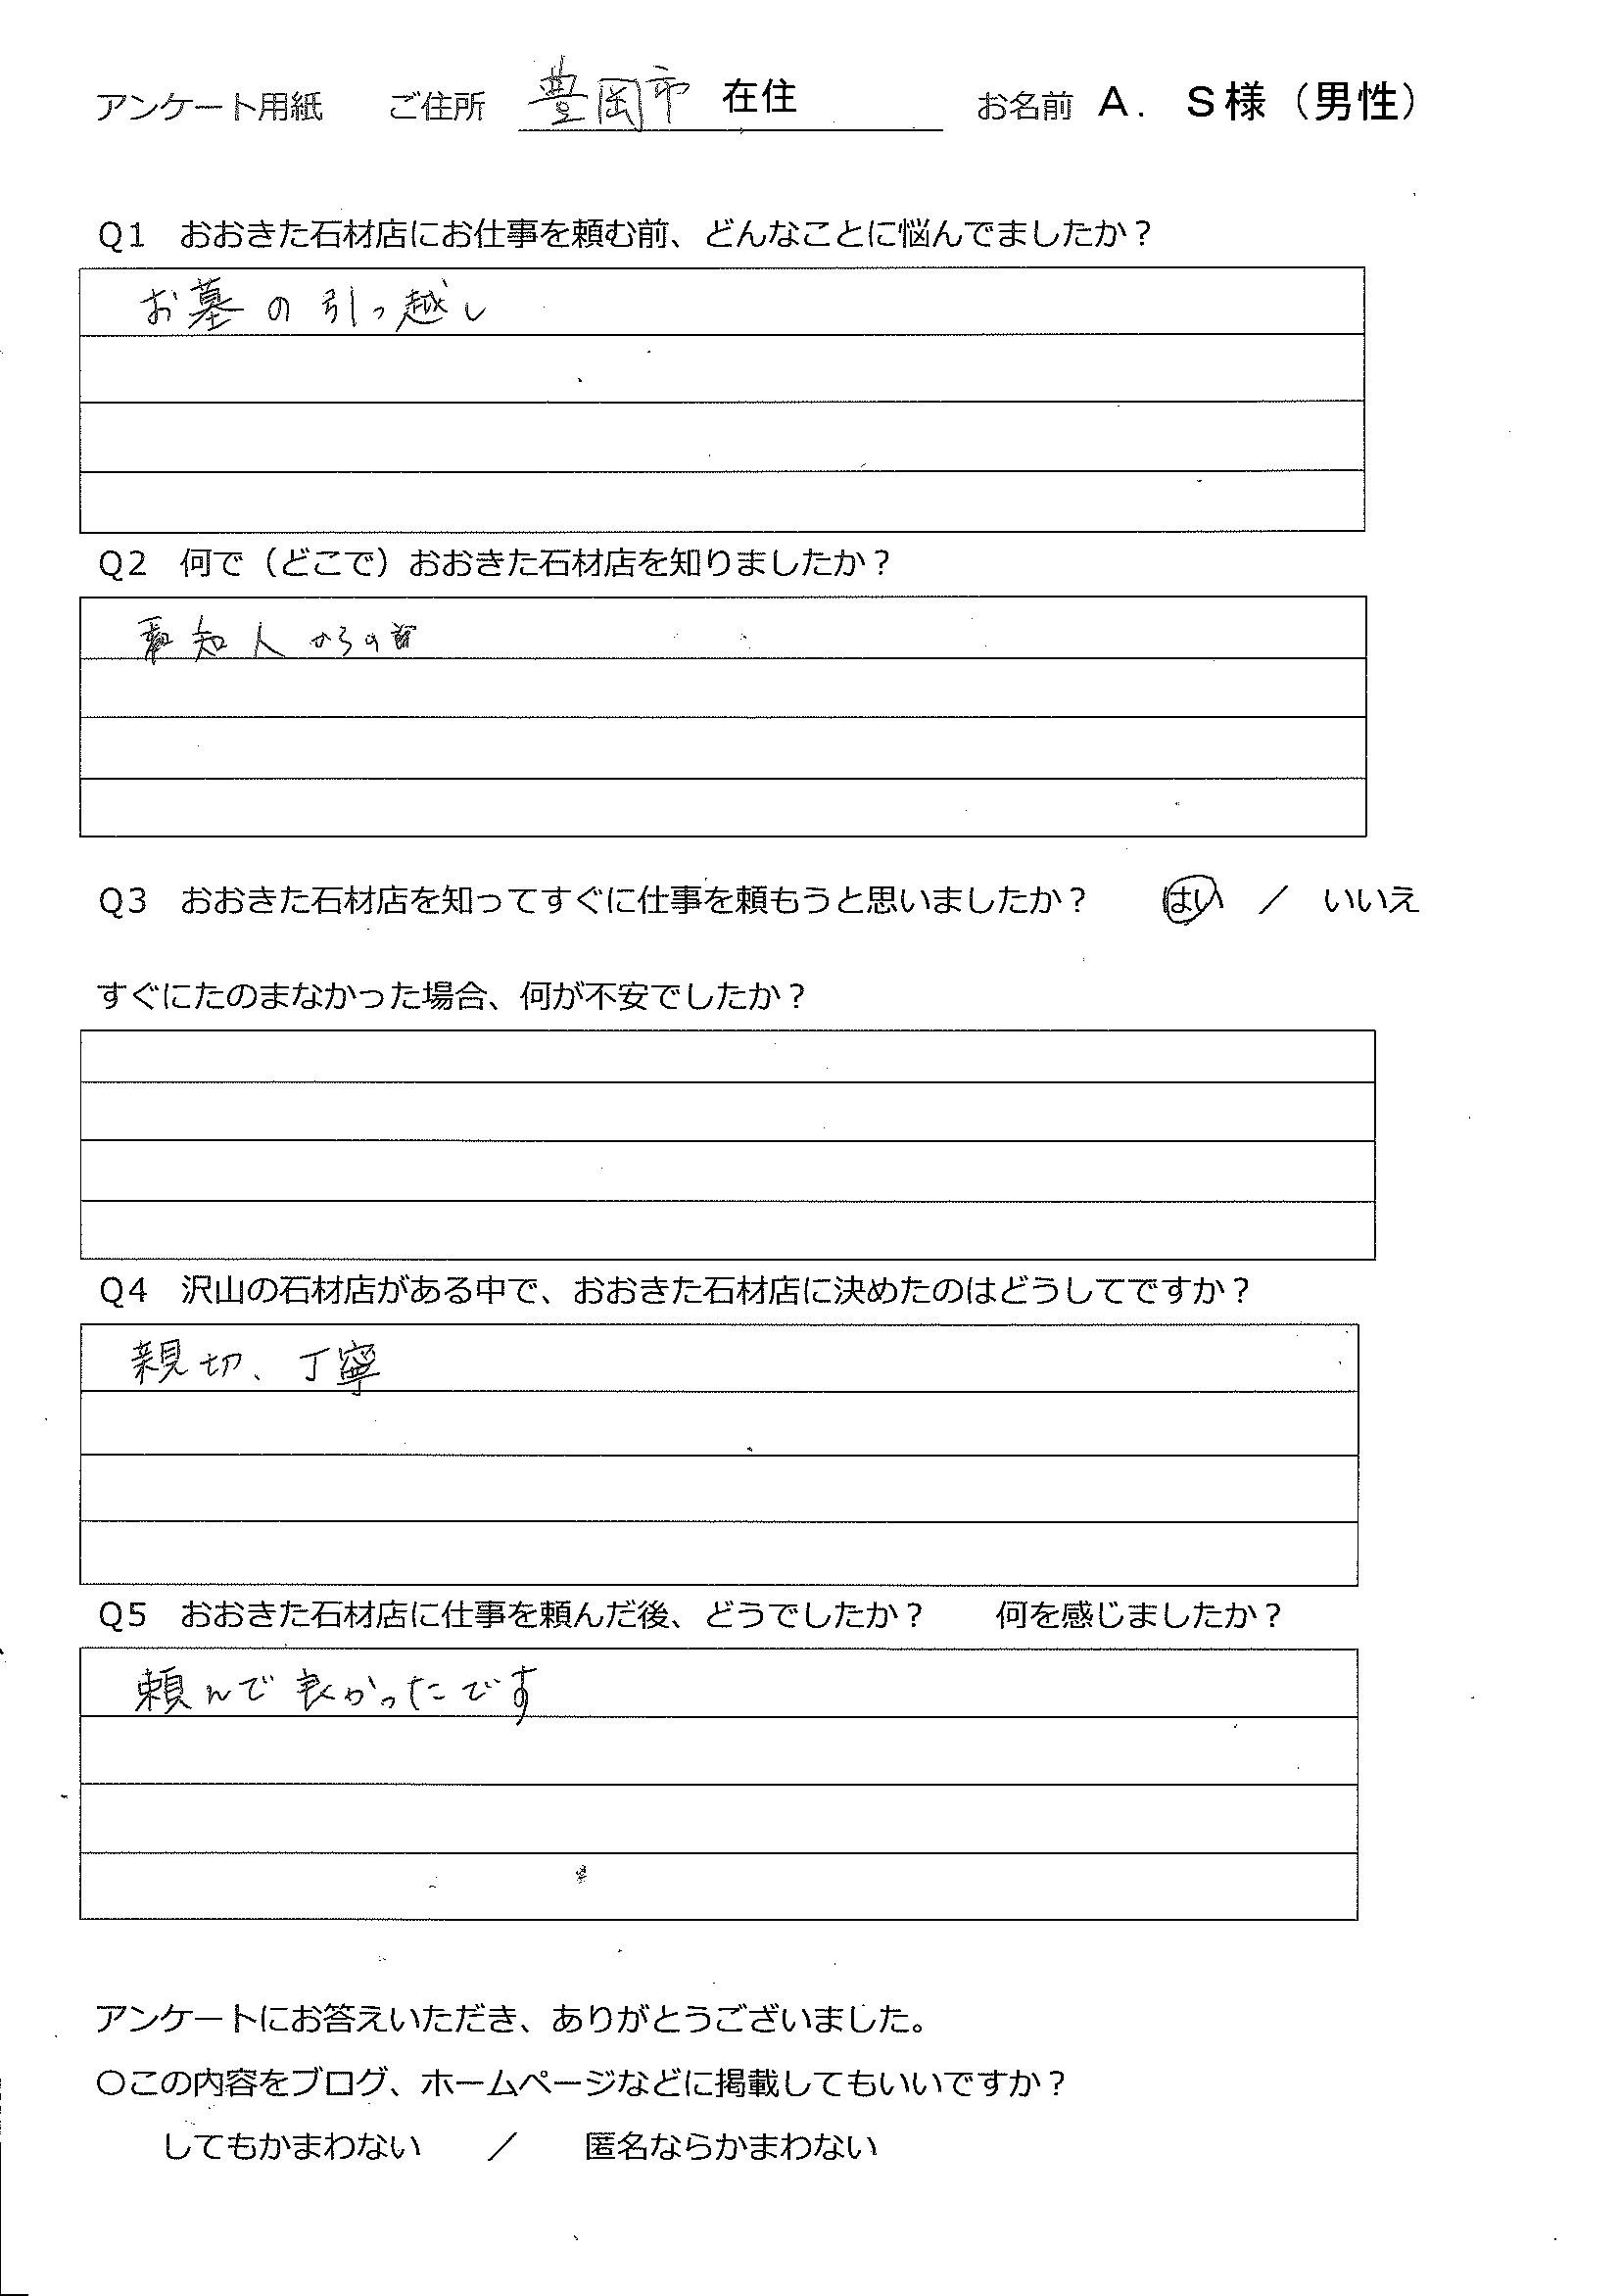 2019-12-04芦田様